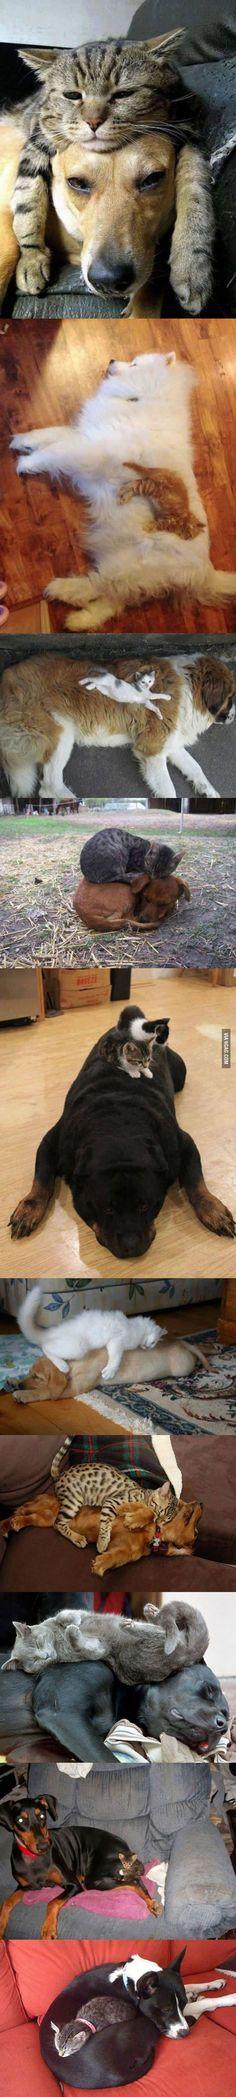 Quién dice que los gatos y los perros no se llevan bien?